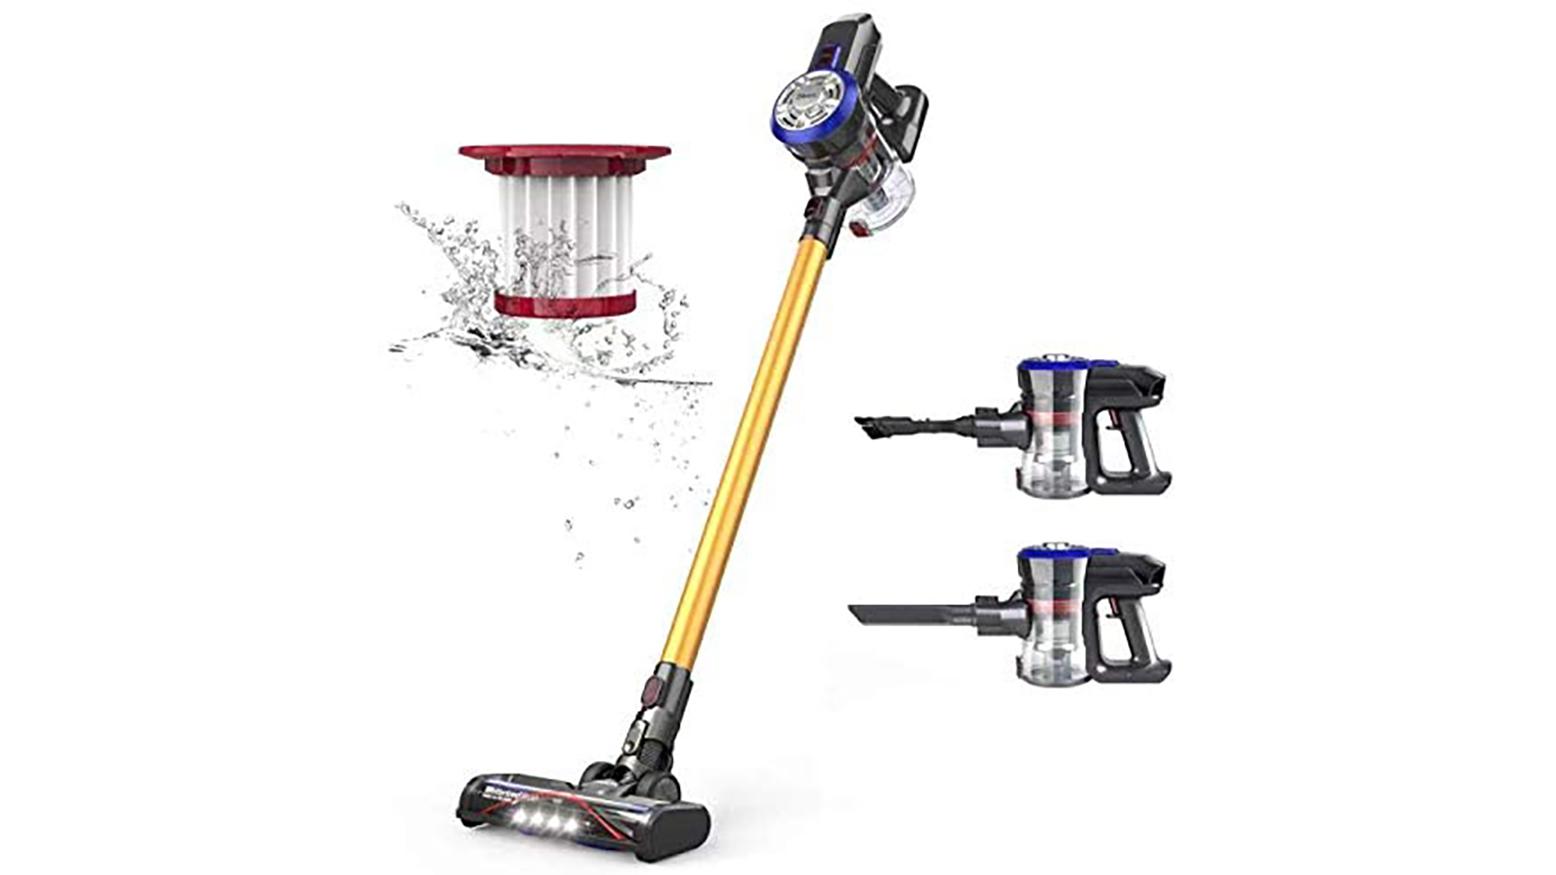 Dibea stick vacuum cleaner